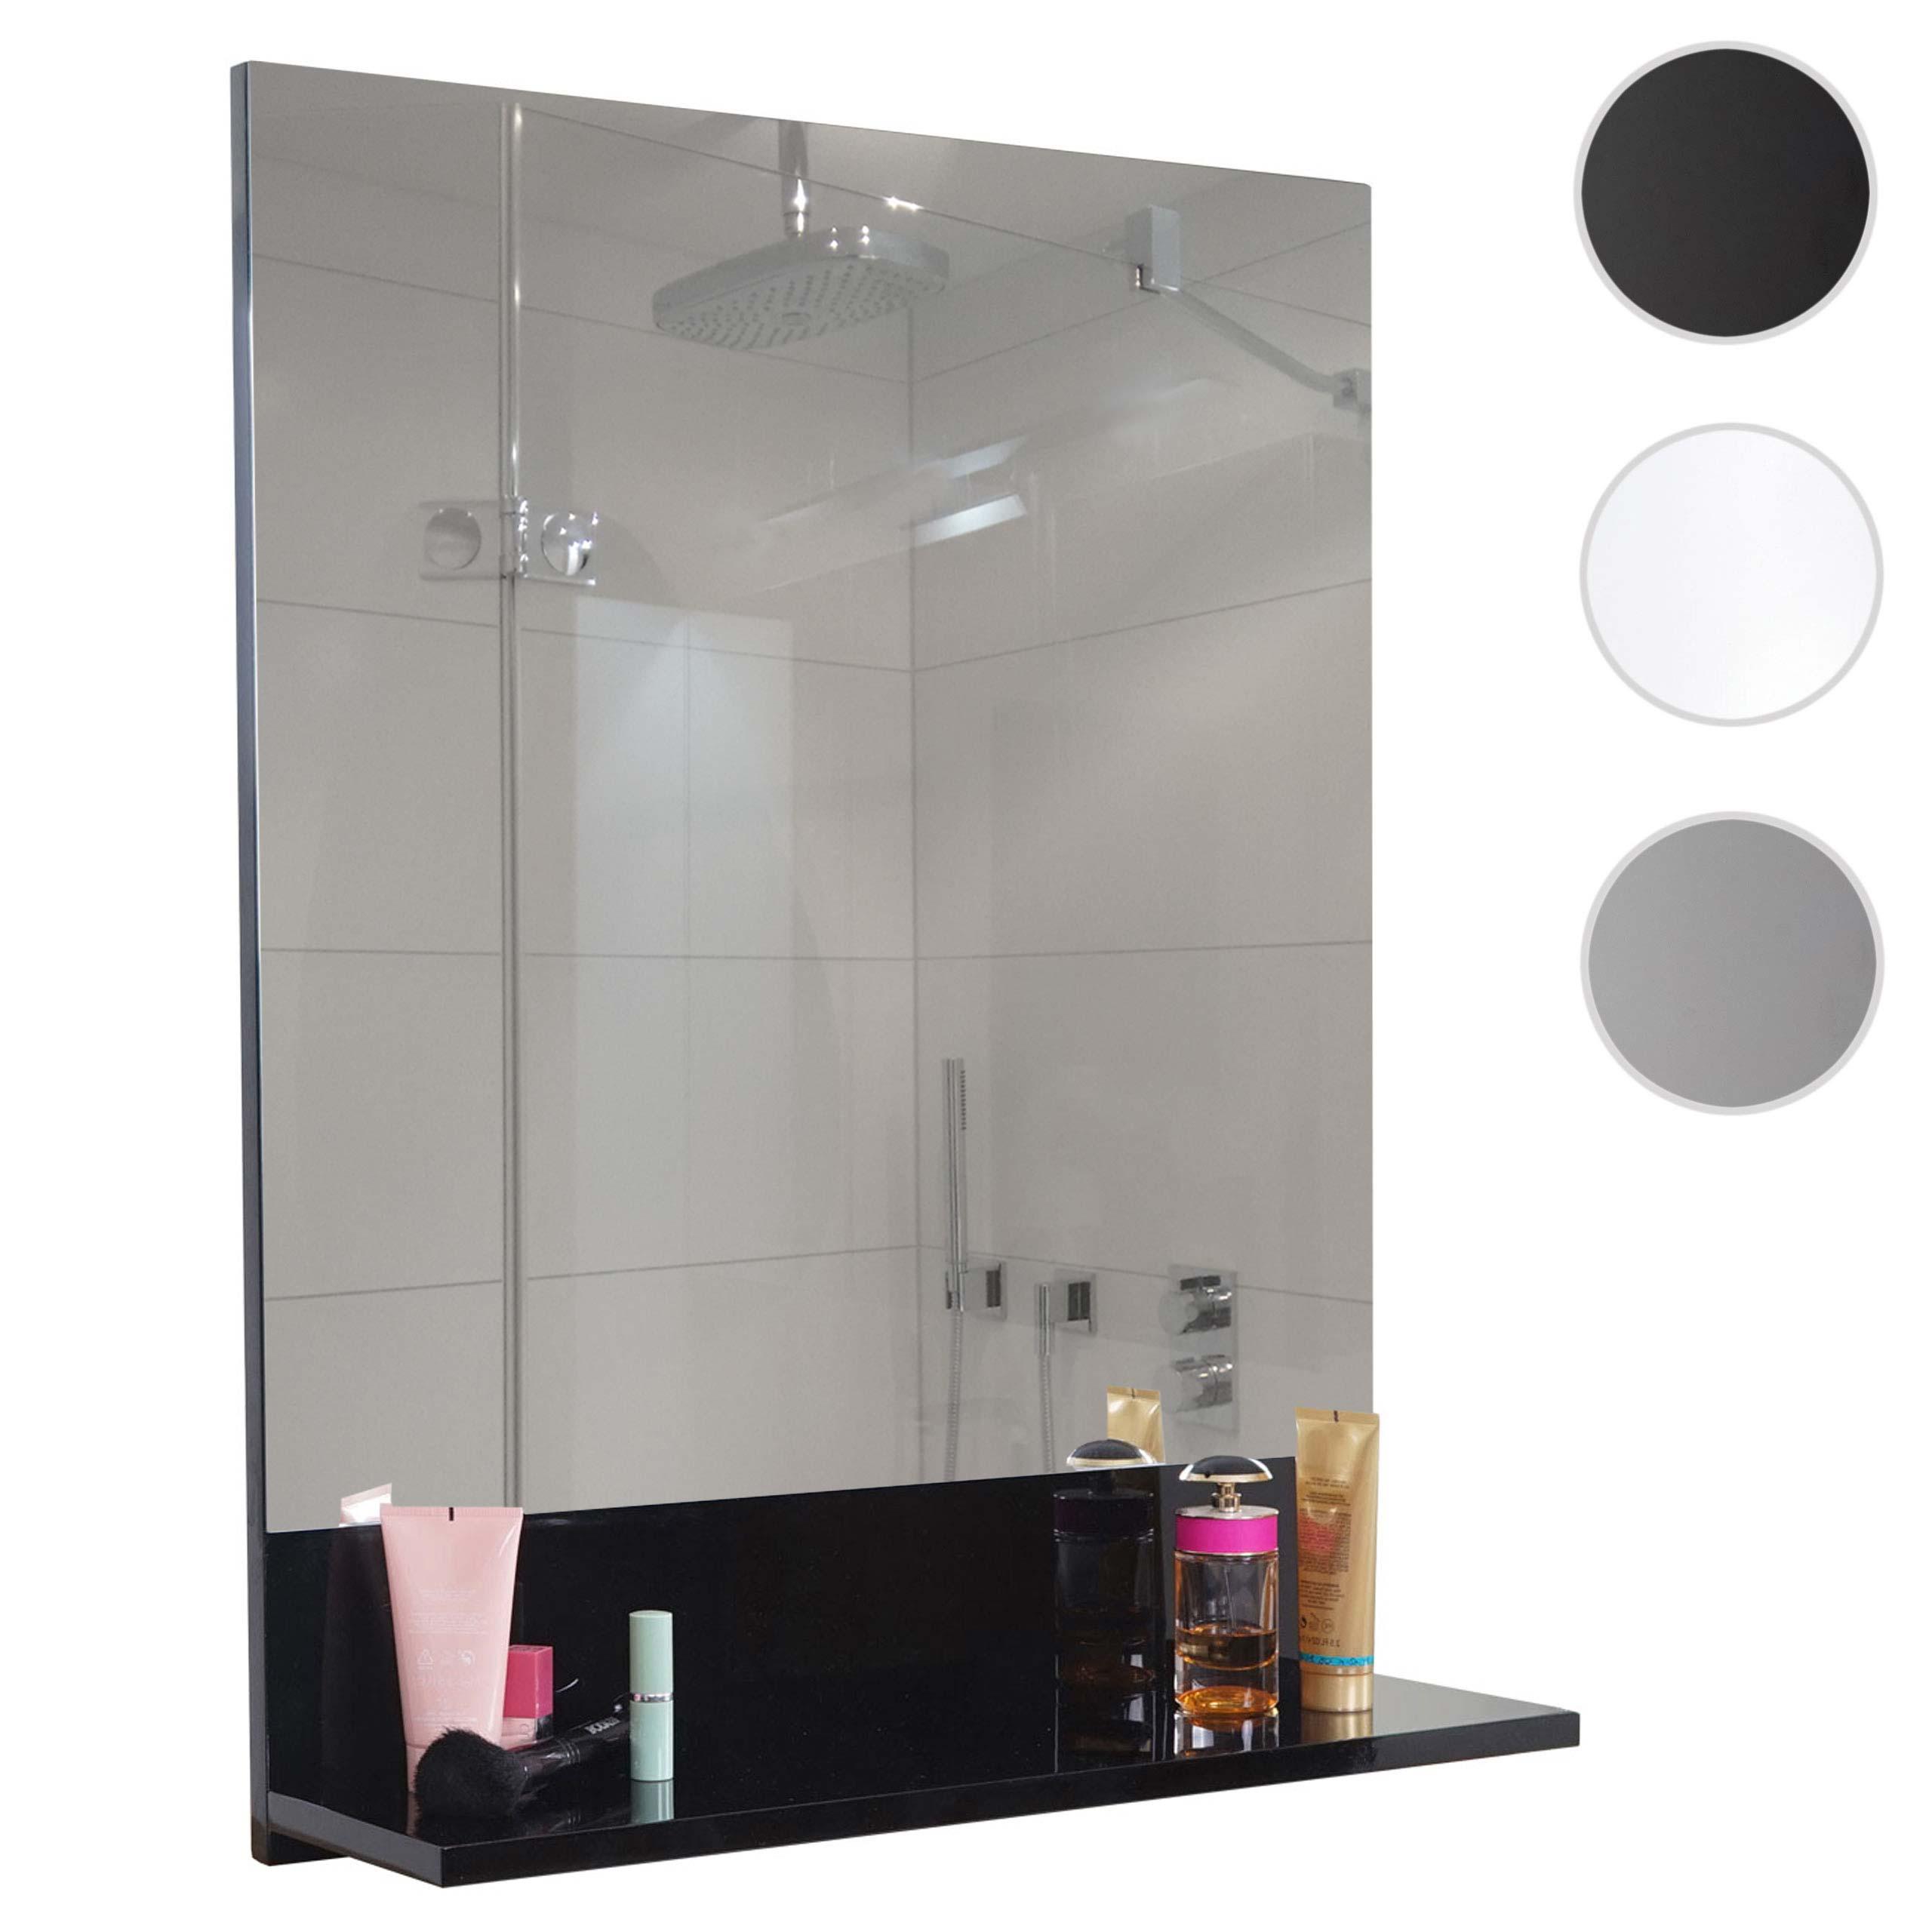 Wandspiegel mit Ablage HWC-B19, Badspiegel Badezimmer, hochglanz ...